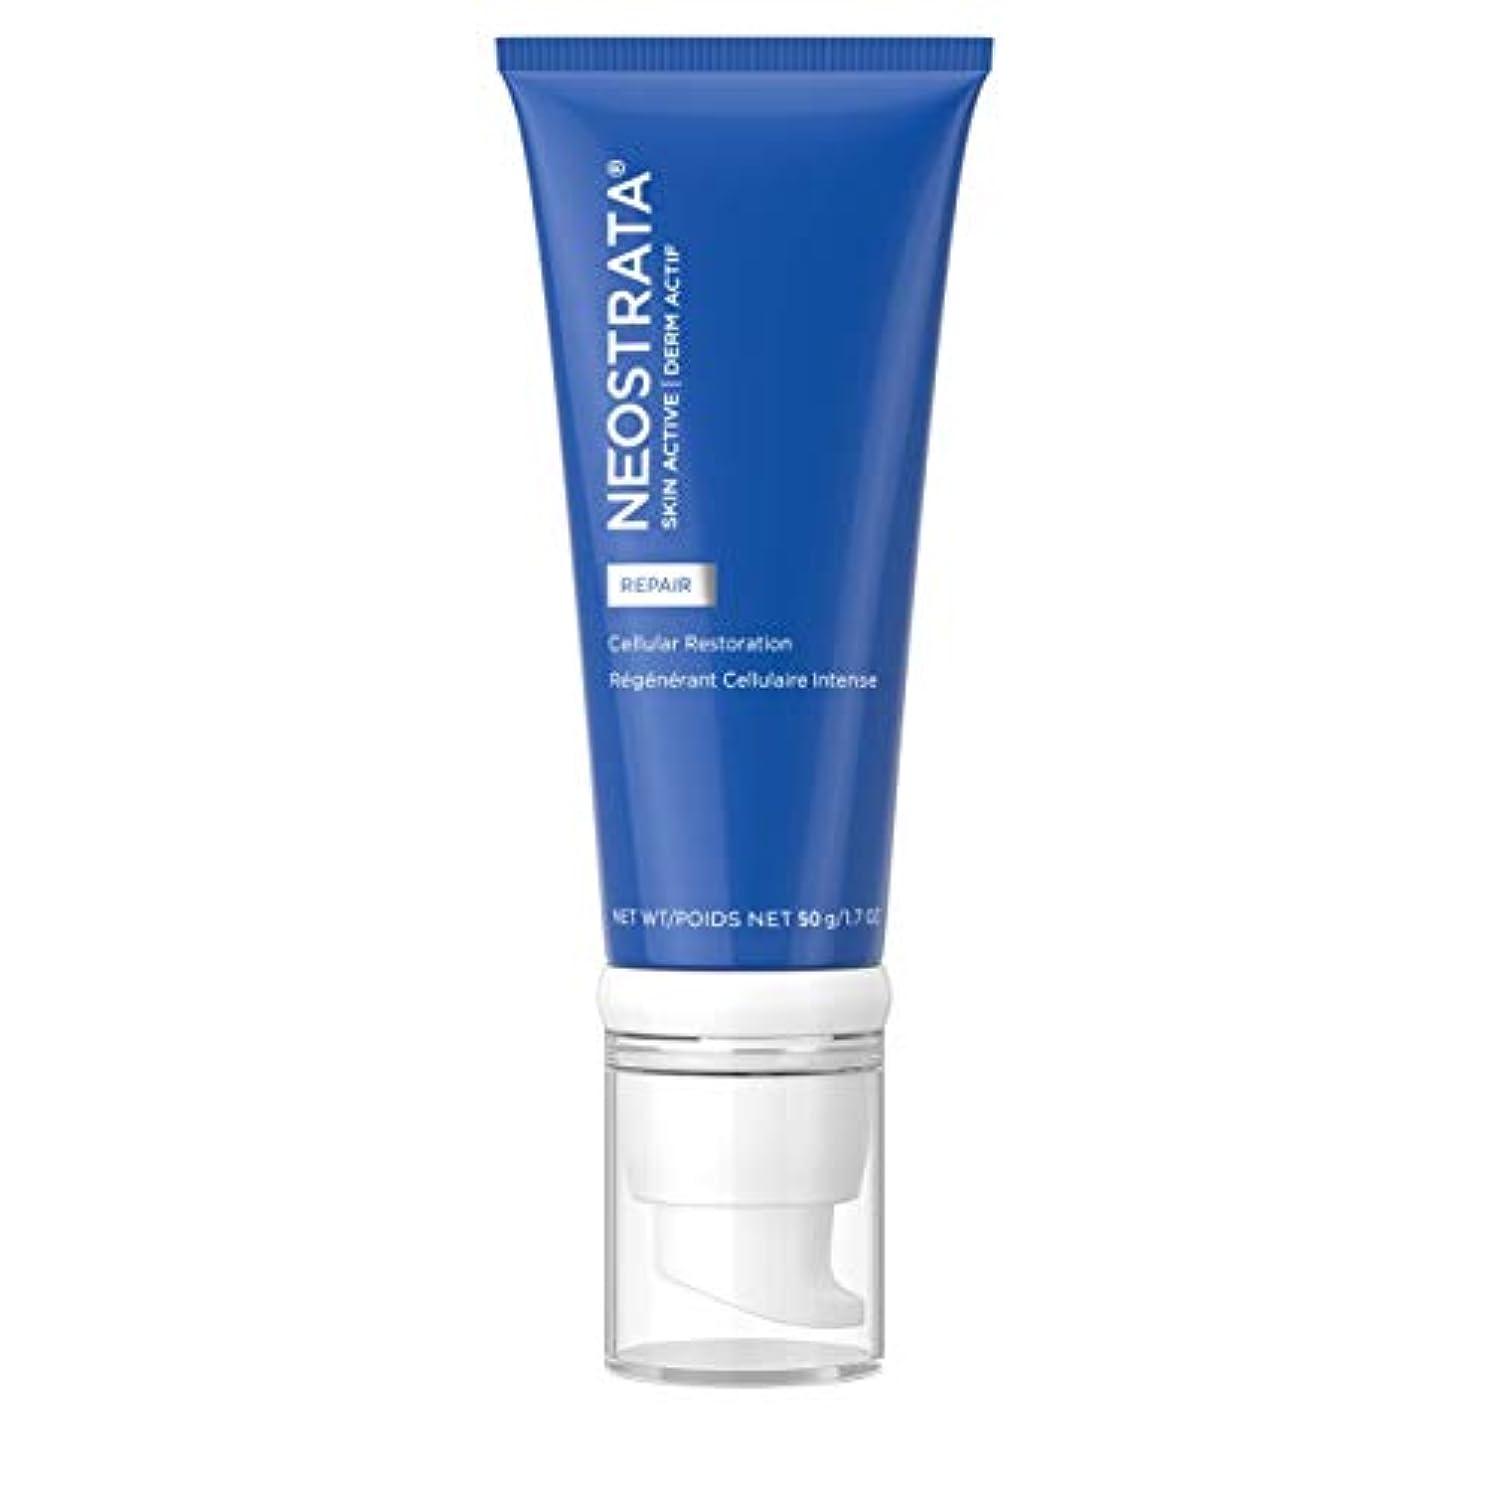 タクト箱橋ネオストラータ Skin Active Derm Actif Repair - Cellular Restoration 50g/1.7oz並行輸入品